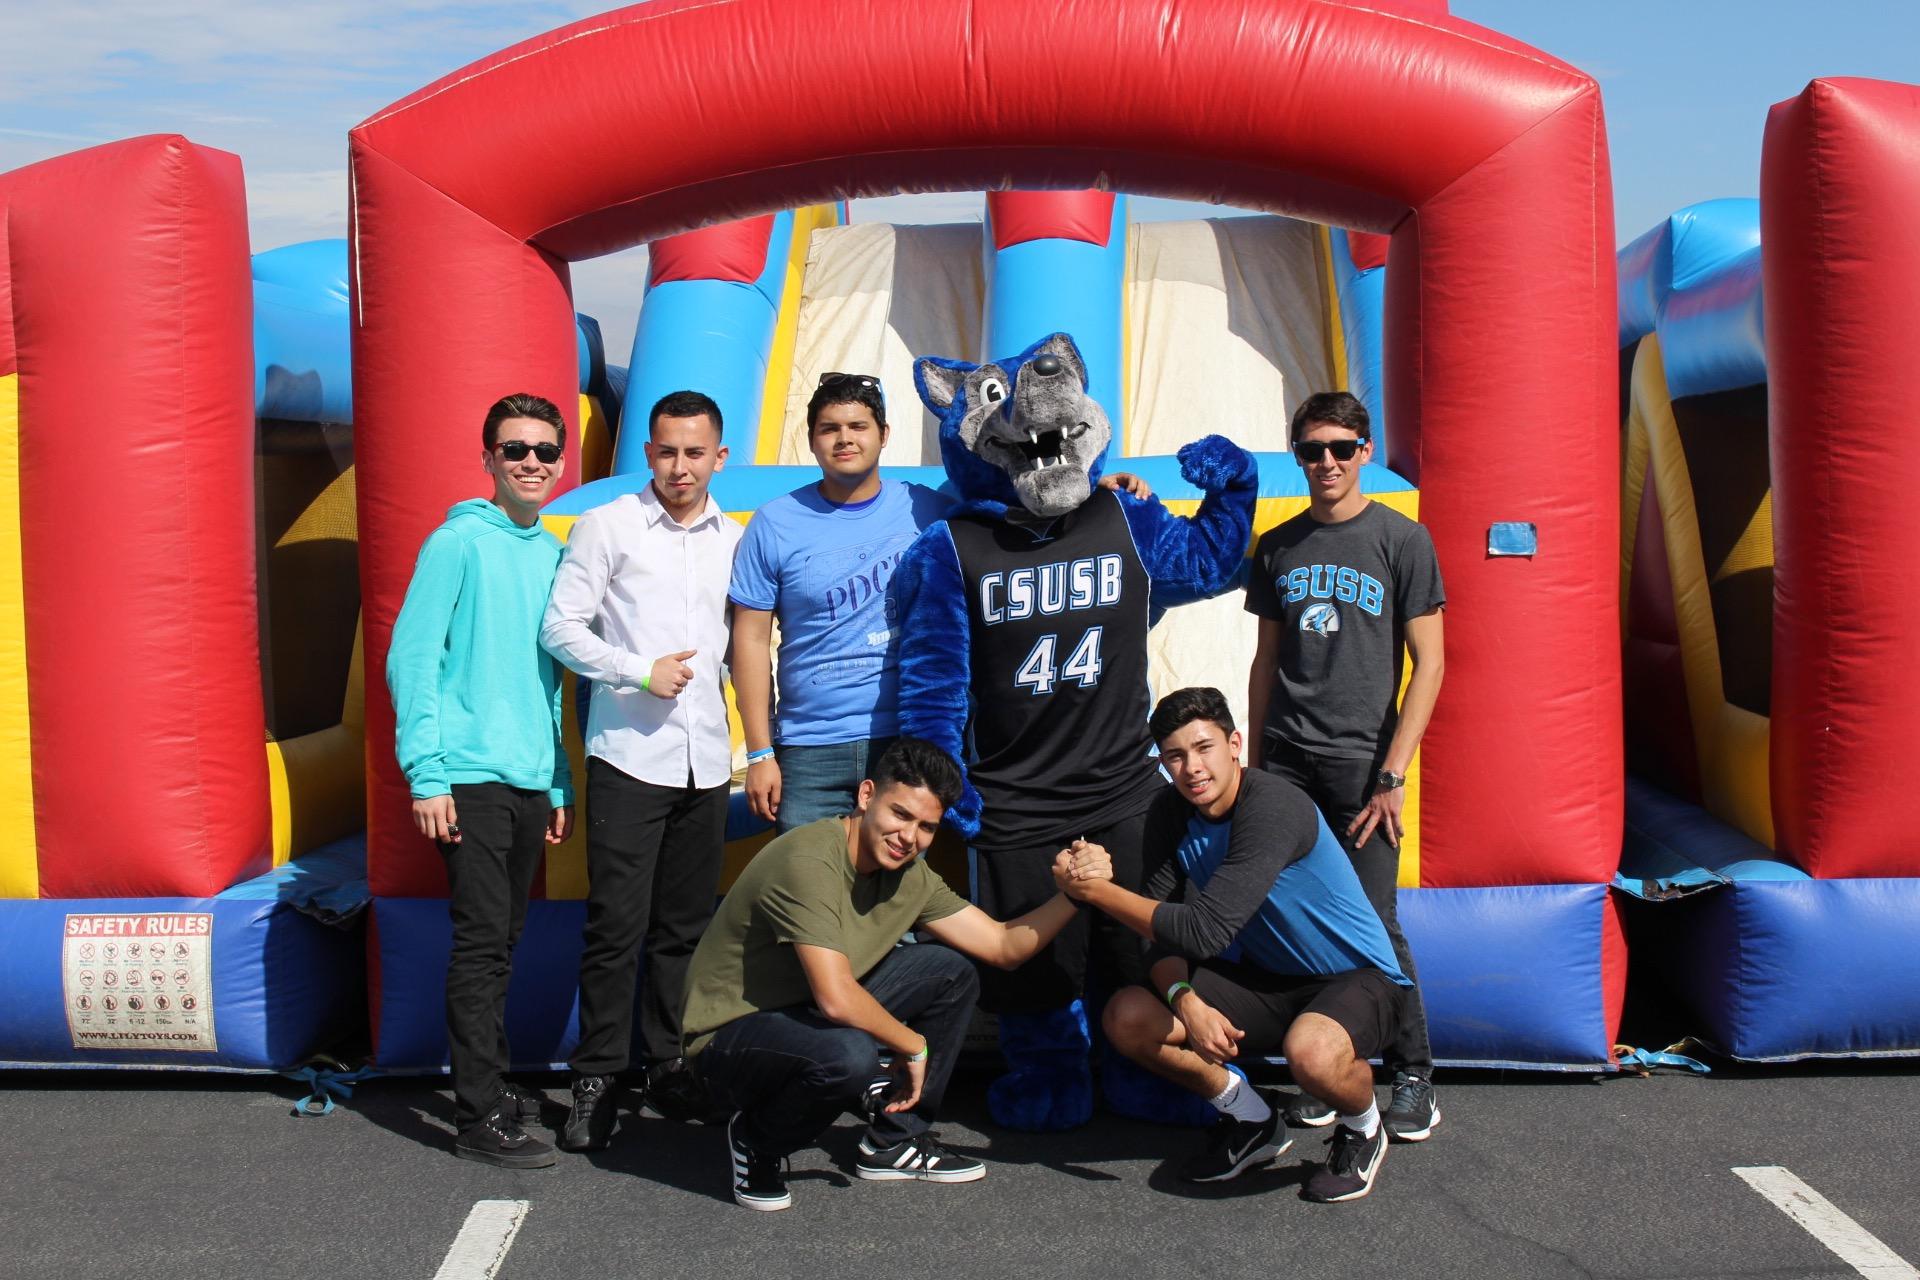 Student event photo